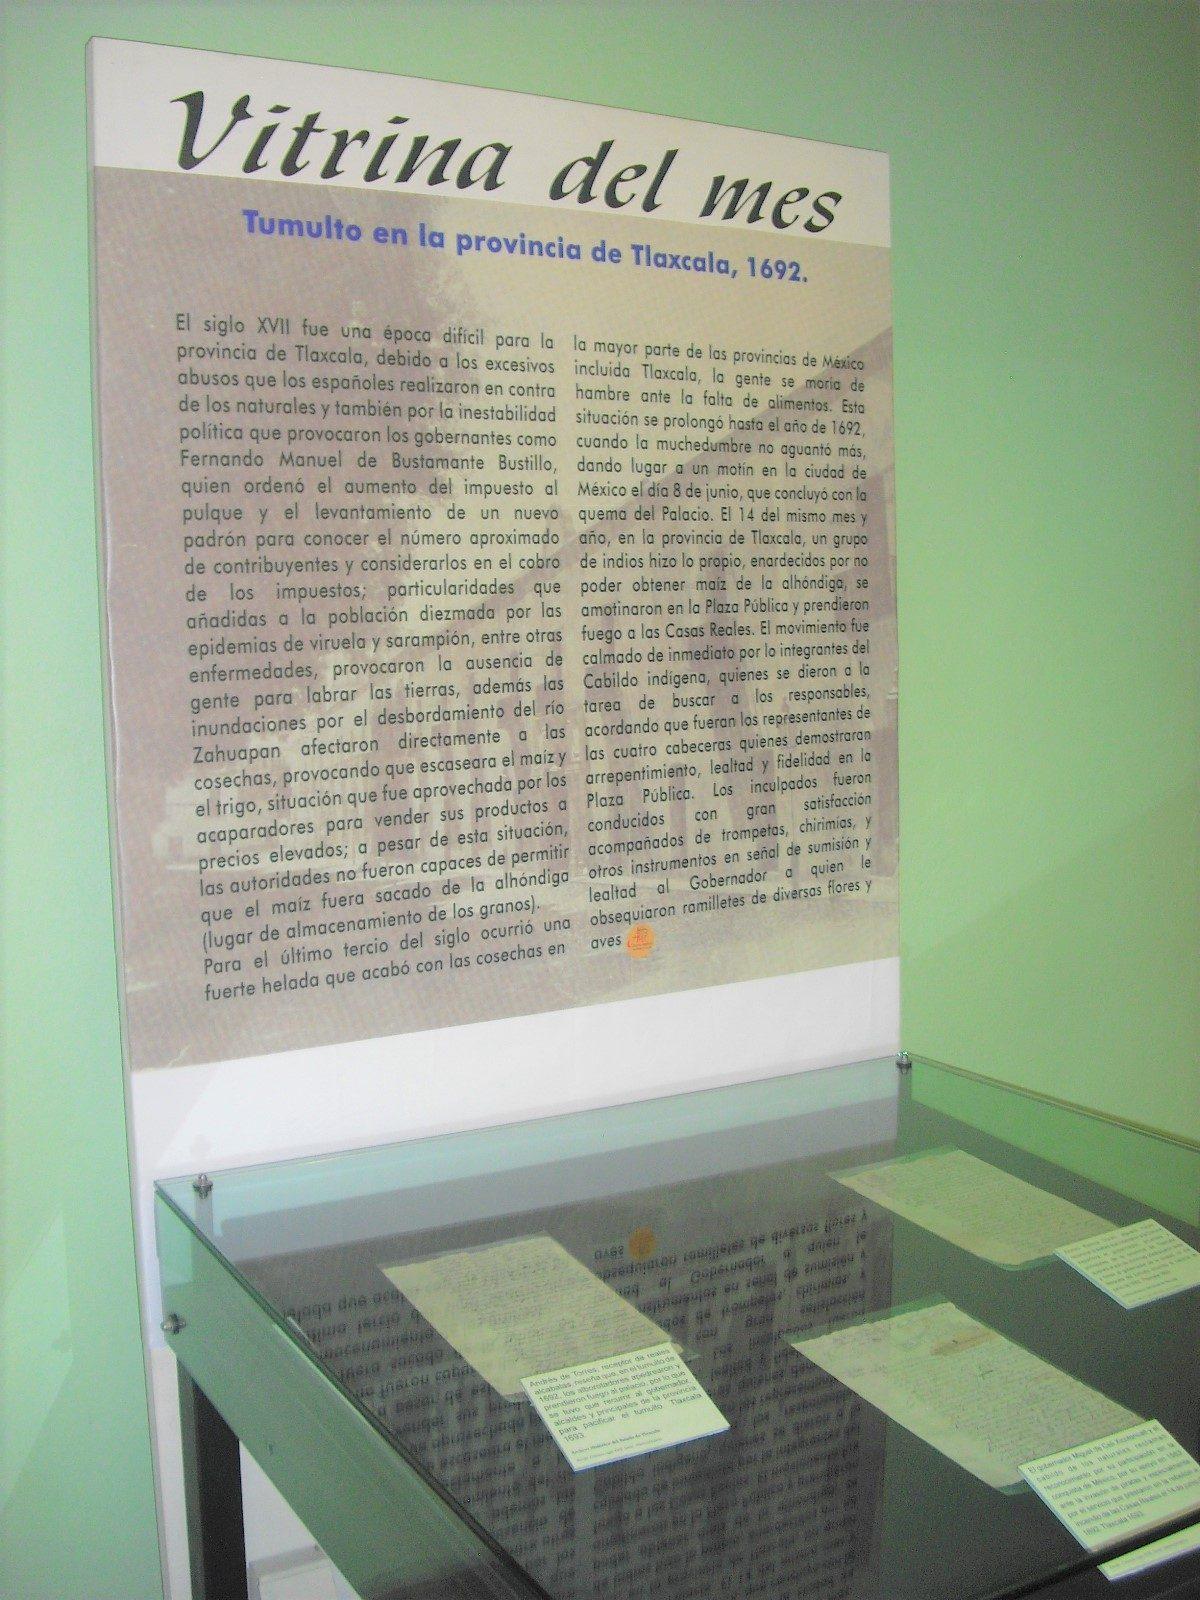 """PRESENTA ARCHIVO HISTÓRICO VITRINA DEL MES  """"TUMULTO EN LA PROVINCIA DE TLAXCALA, 1692"""""""